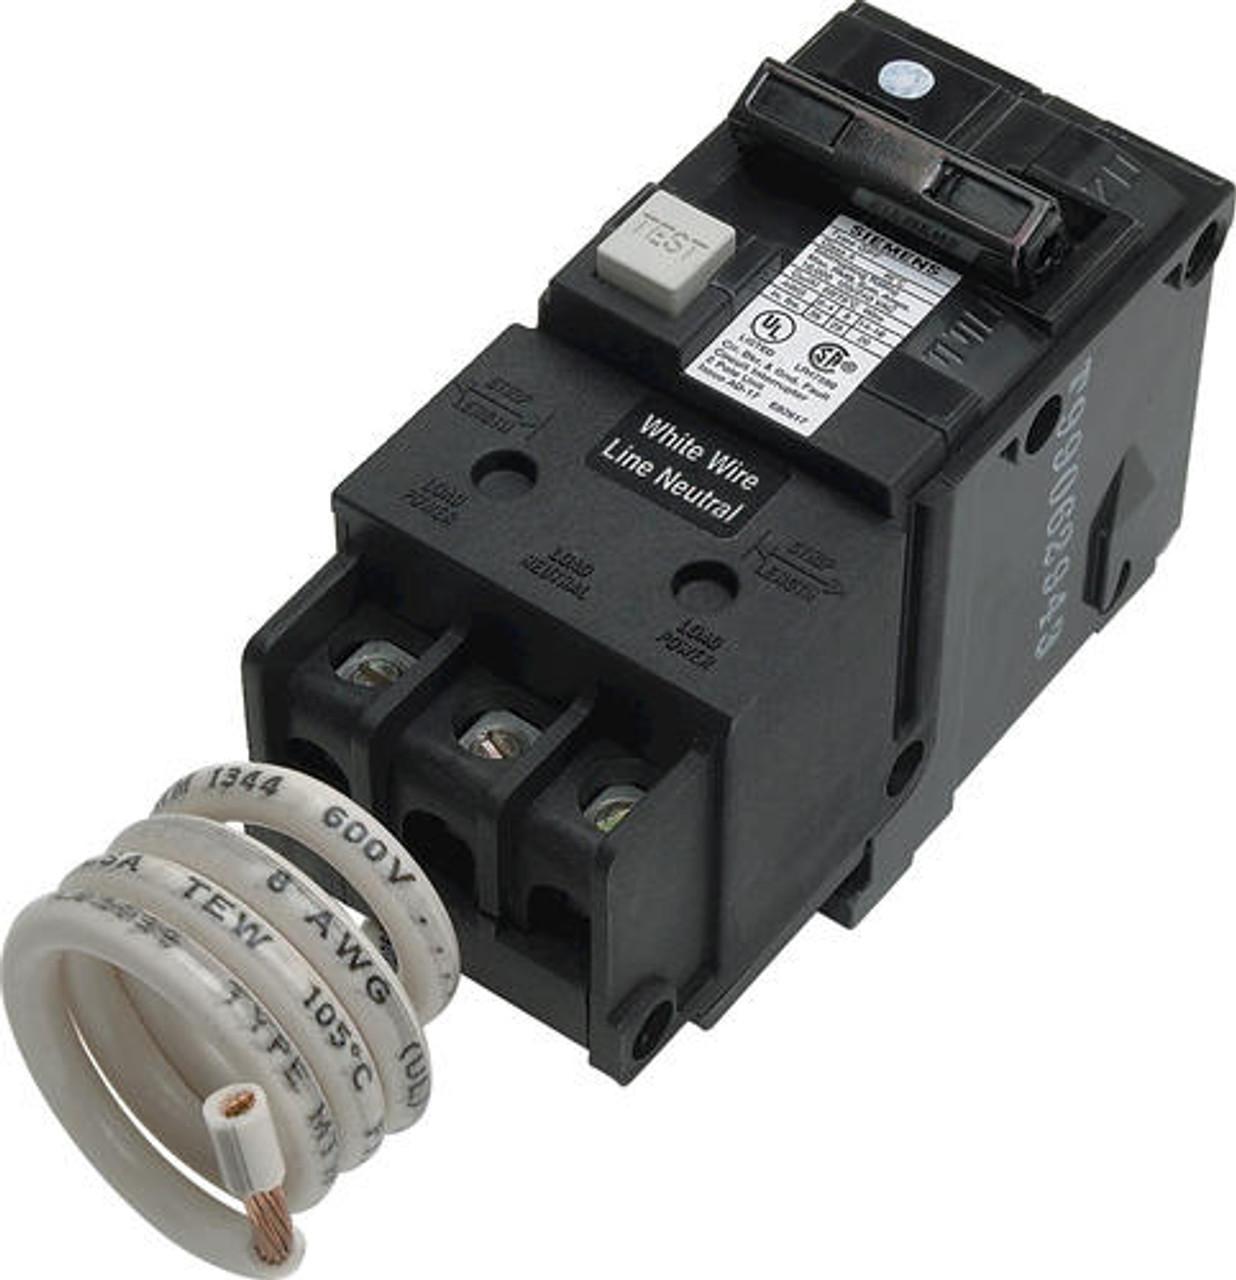 Sie 50 Amp Double Pole GFCI Breaker only Wiring Amp Breaker on wiring 30 amp breaker, wiring main breaker panel, wiring 100 amp breaker, wiring gfci circuit breaker,